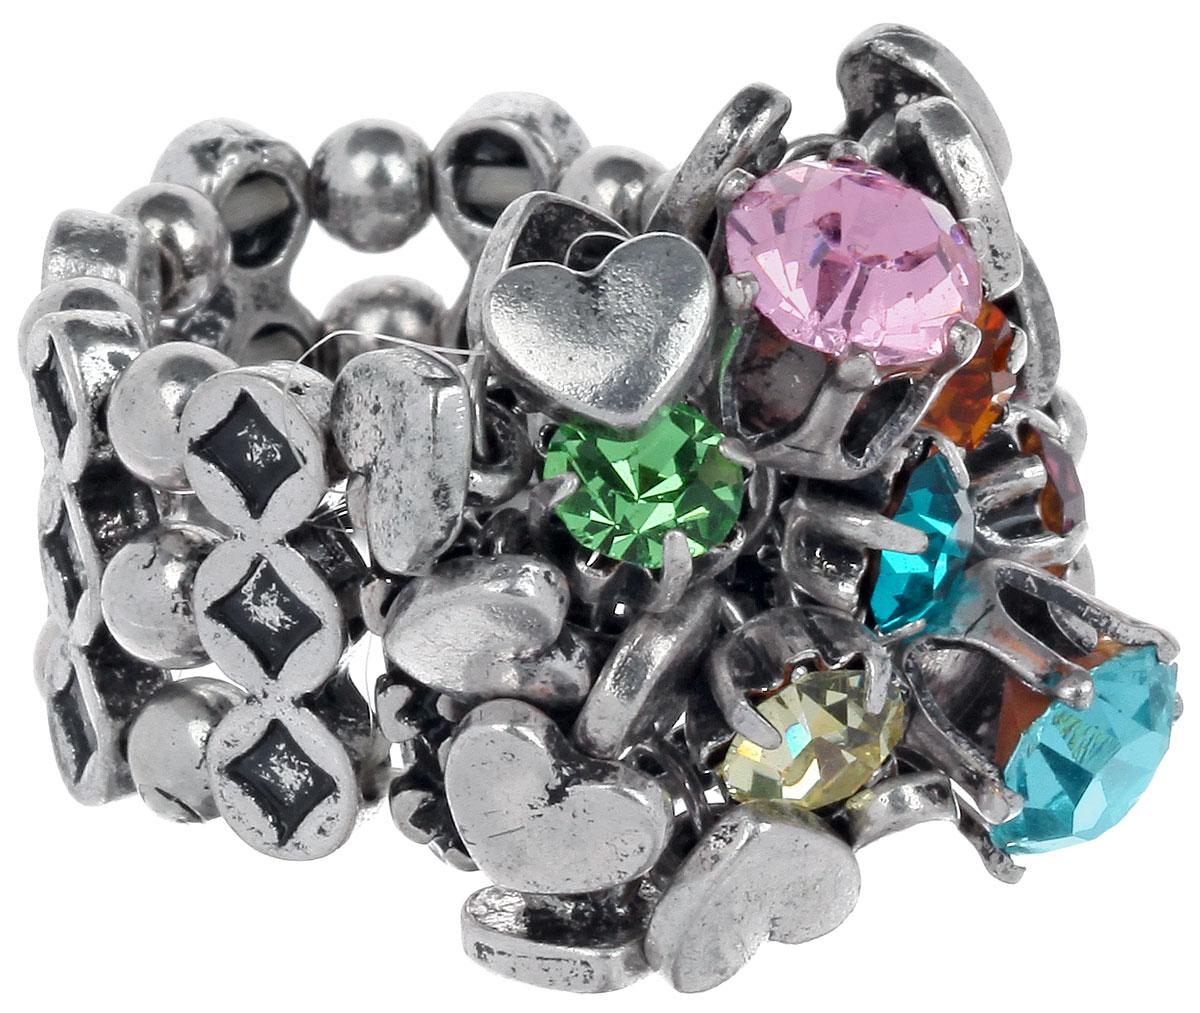 Кольцо Avgad, цвет: серебристый, зеленый, розовый. EA178JW272EA178JW272Оригинальное кольцо Avgad, изготовленное из ювелирного сплава, оформлено вставками из стекла и декоративными элементами в виде сердец. Элементы кольца соединены между собой при помощи тонкой резинки, благодаря которой изделие имеет универсальный размер. Его легко снимать и надевать. Это необычное украшение внесет изюминку в ваш модный образ, а также позволит выделиться среди окружающих.